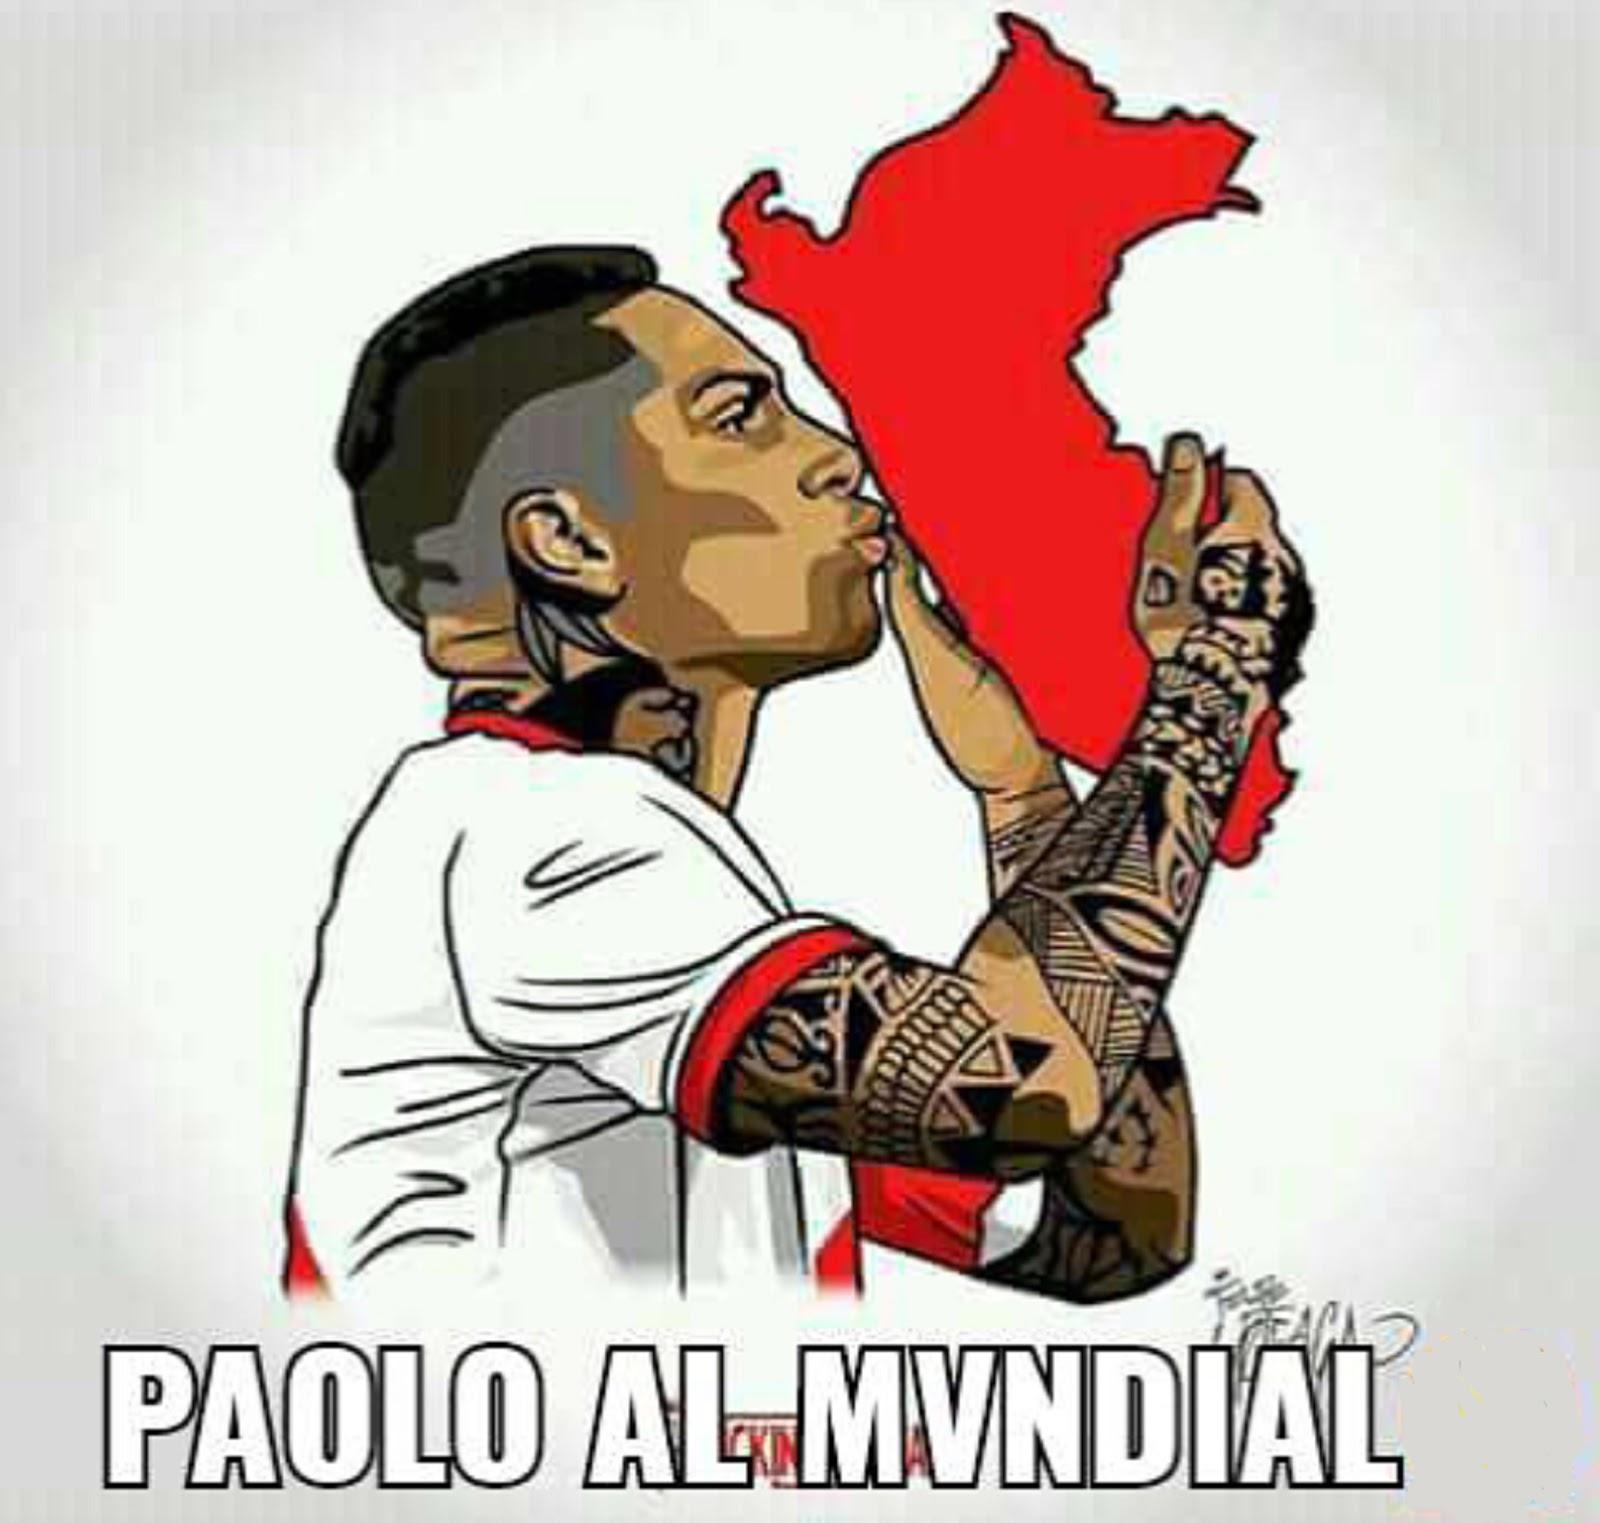 PAOLO GUERRERO 8